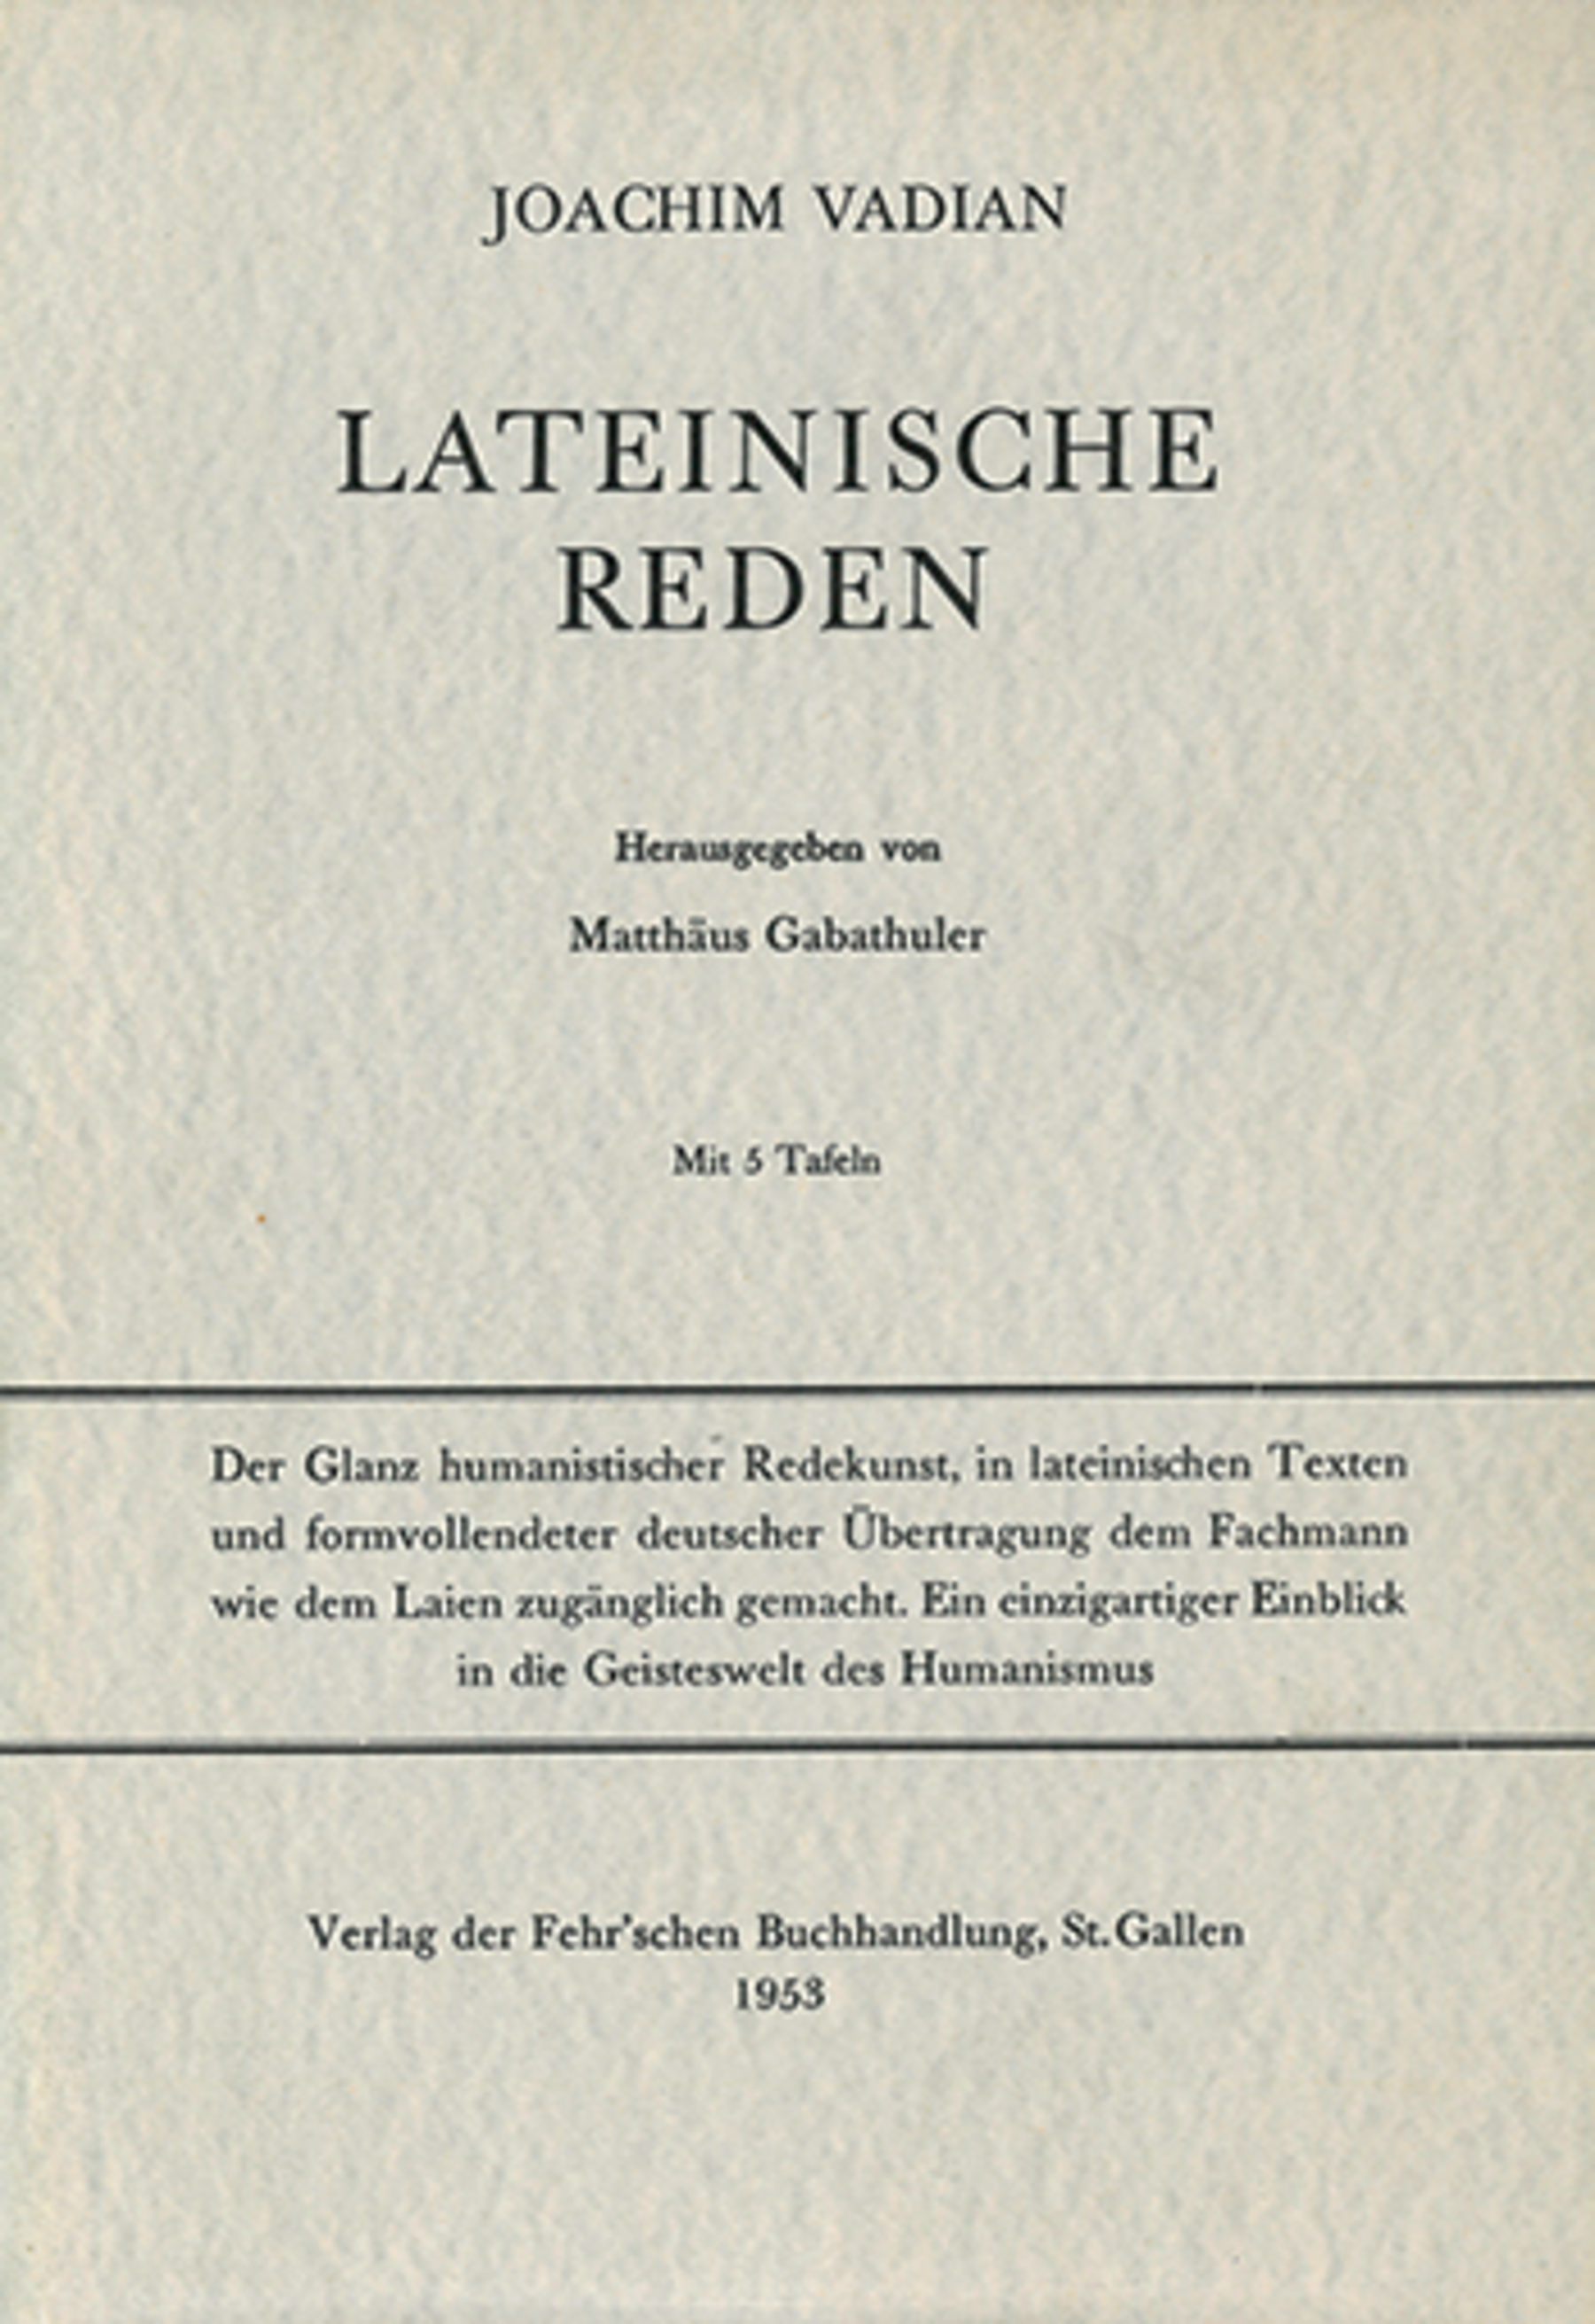 Lateinische Reden <p><p>Joachim Vadian